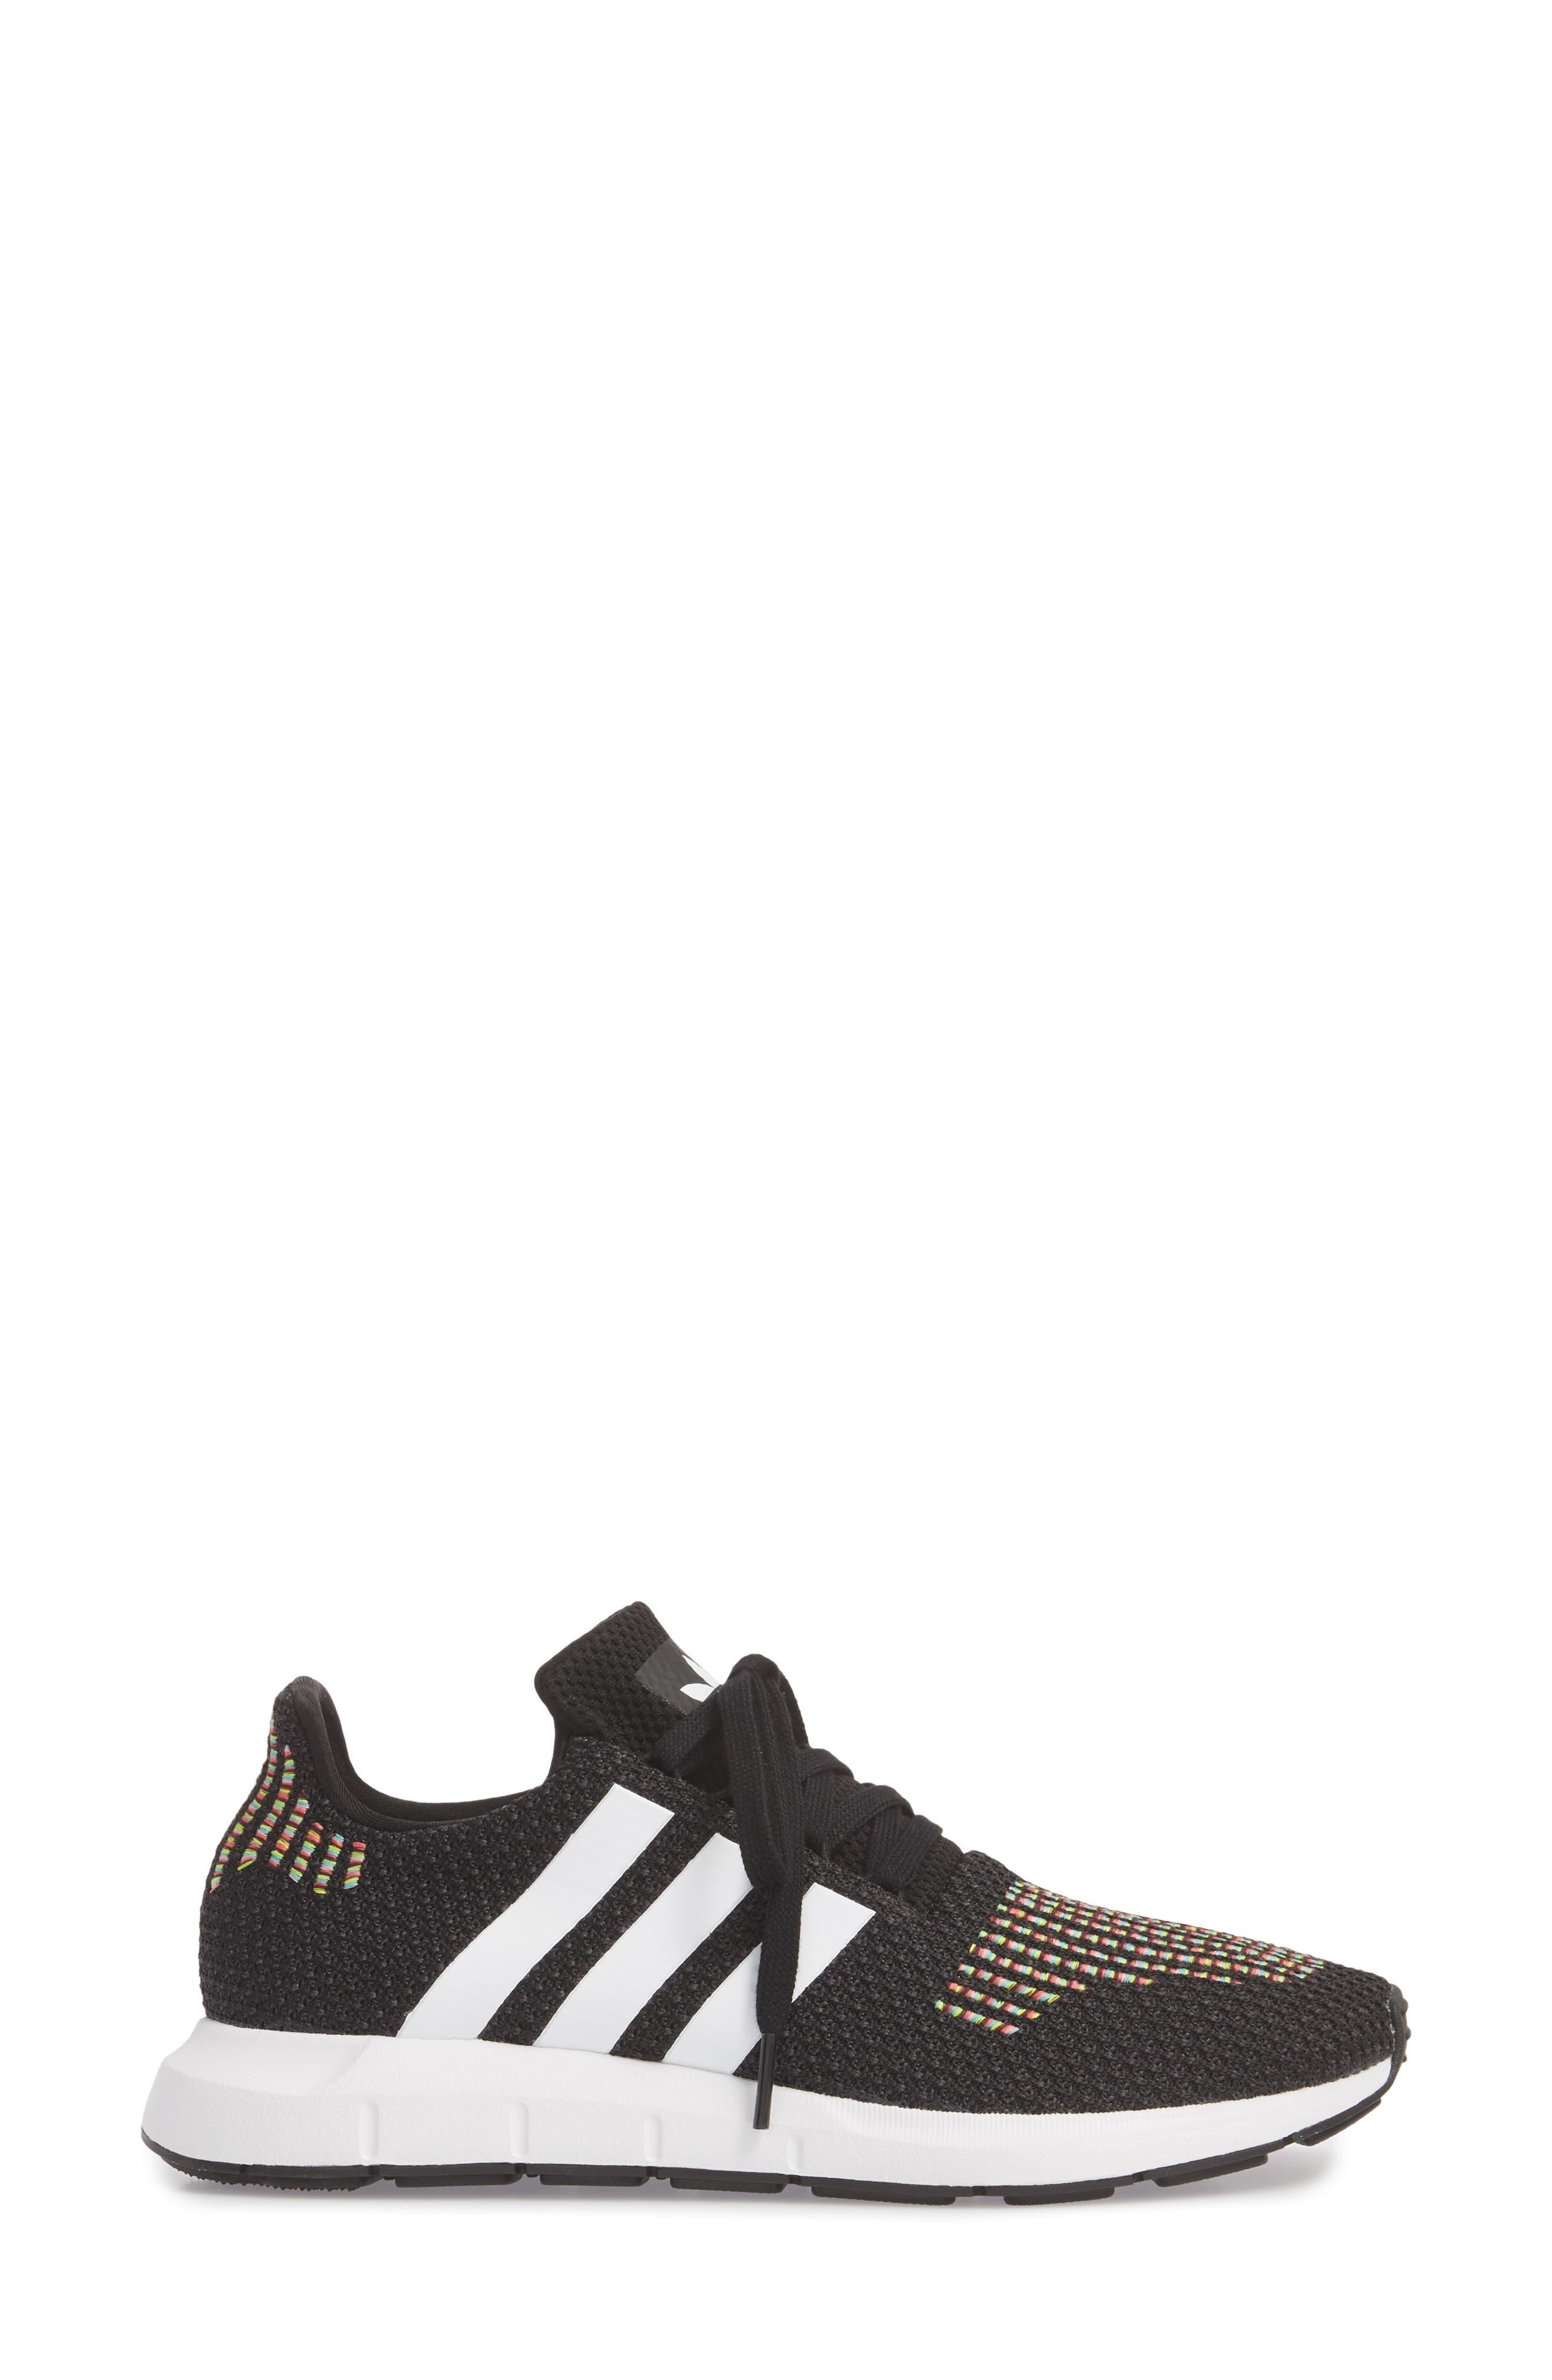 Swift Run Sneaker,                             Alternate thumbnail 3, color,                             Core Black/ White/ Core Black